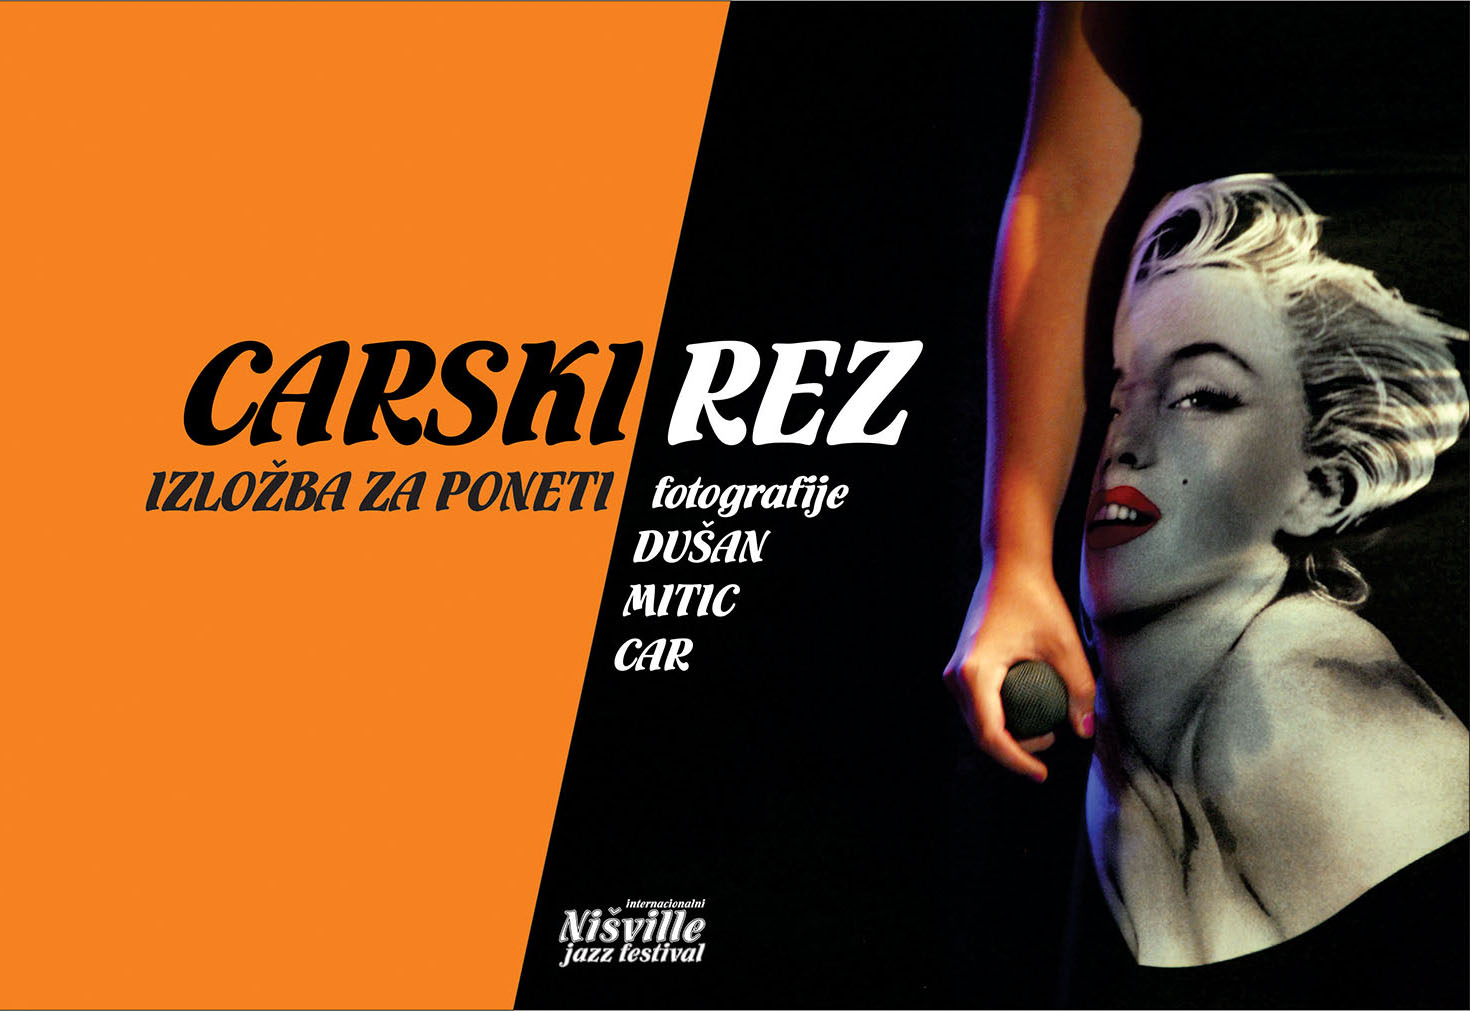 Carski rez - D.M. Car (korice)